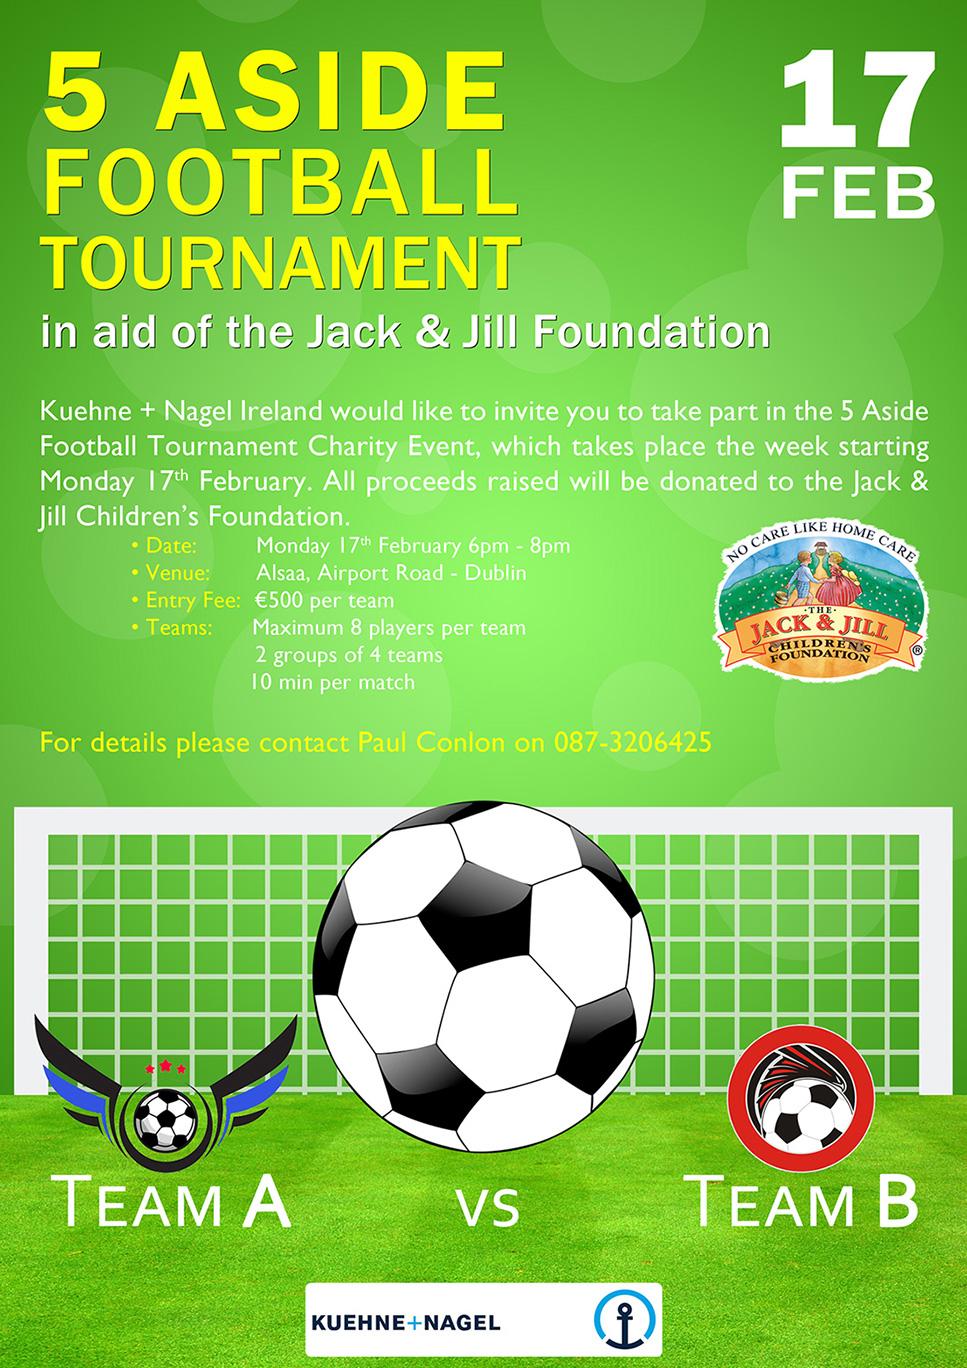 Soccer Poster Feb 2014